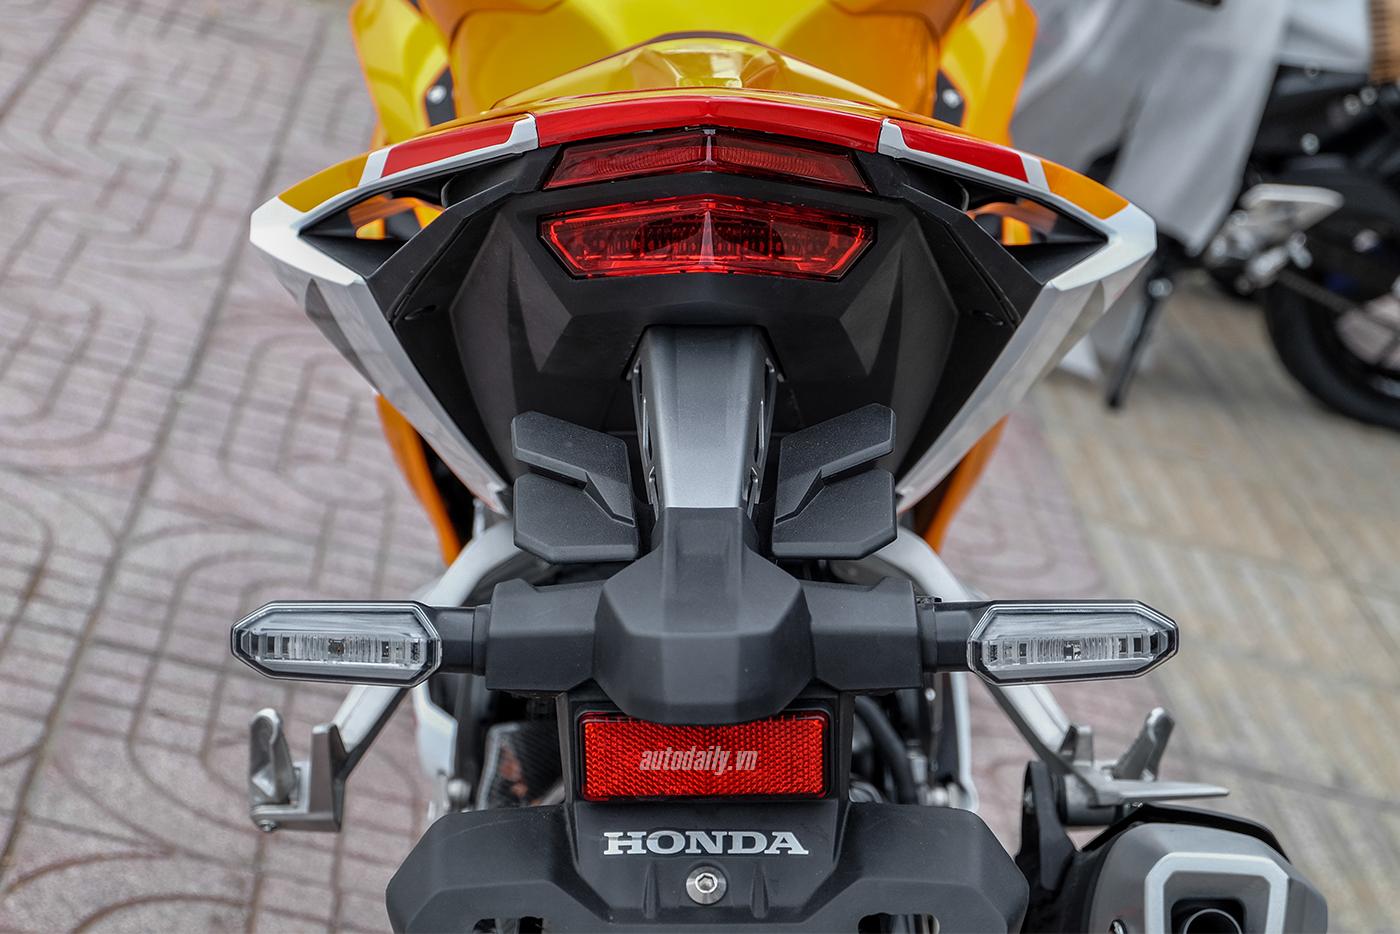 honda-cbr250rr-6.jpg